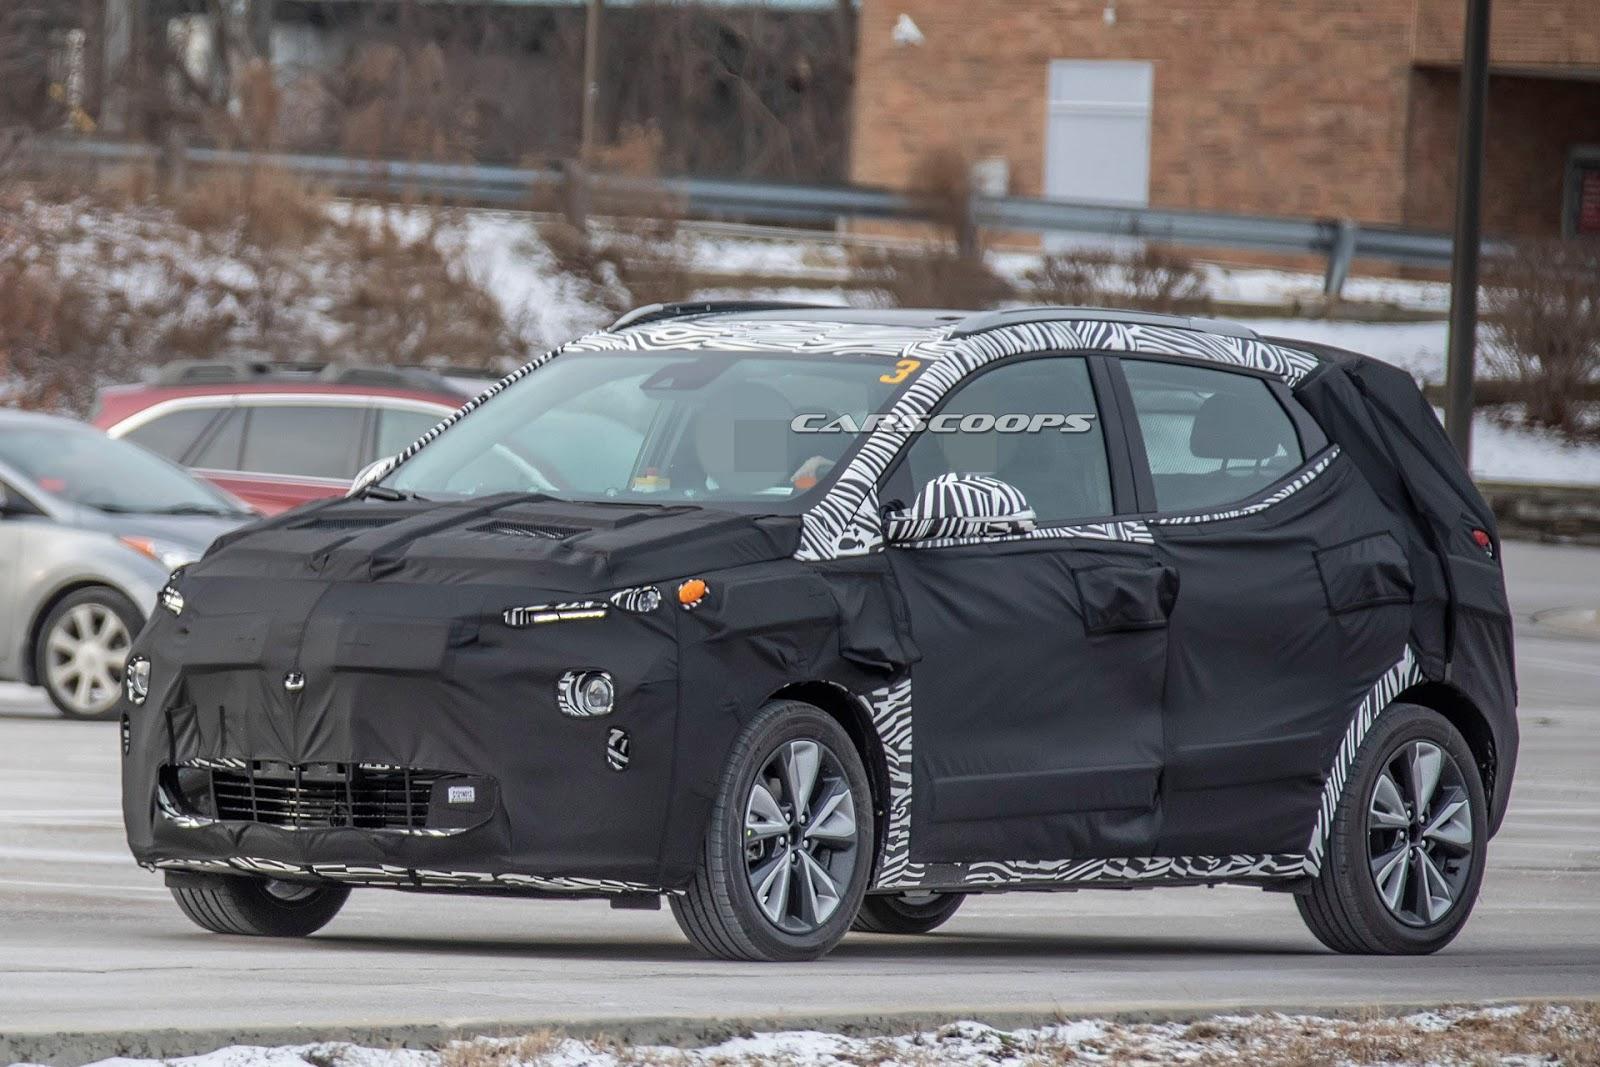 2022 Chevrolet Bolt Euv Spy Shot Ms Blog